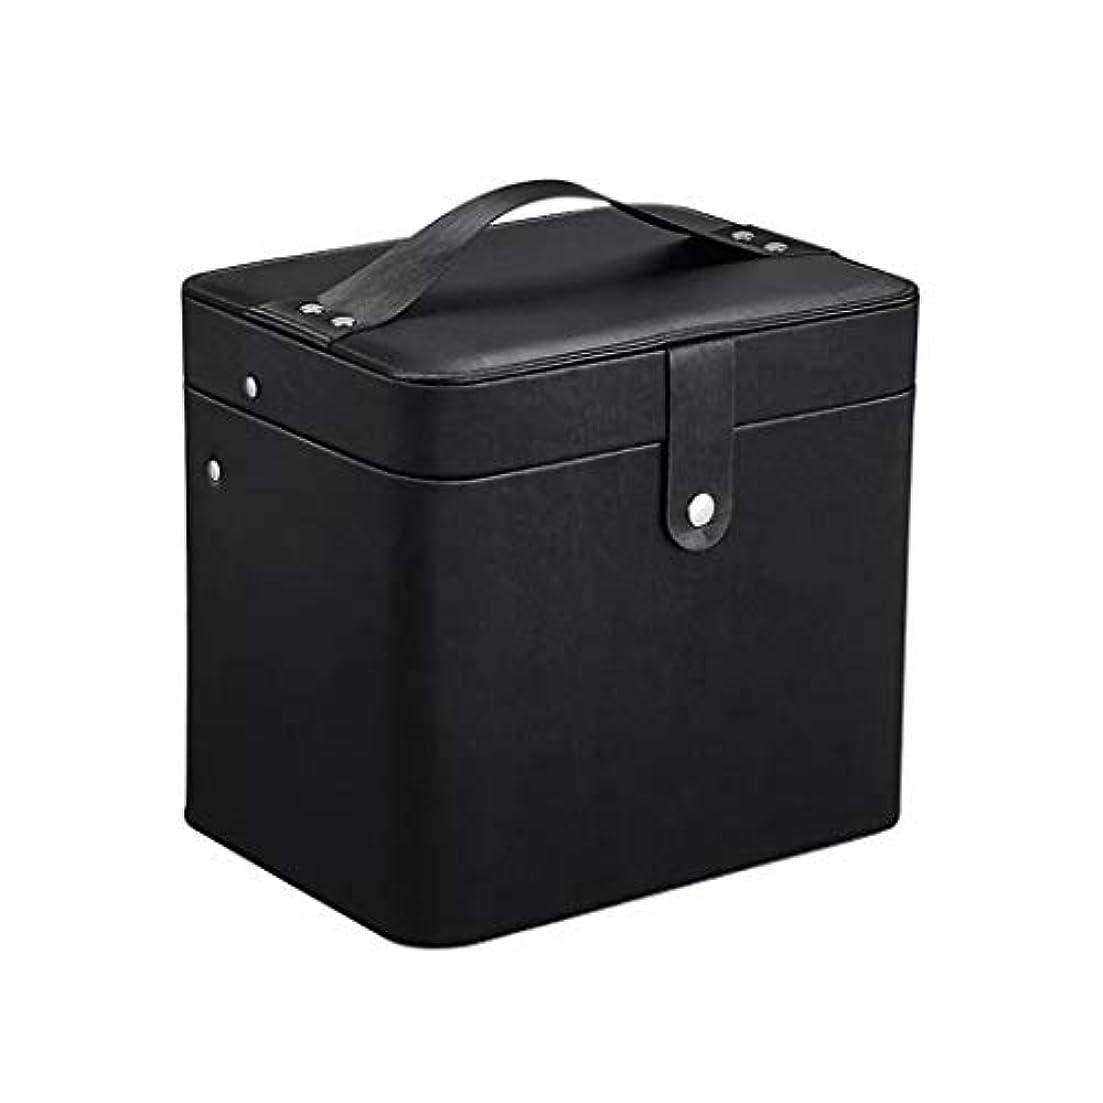 カートリッジリーチモールス信号SZTulip コスメボックス メイクボックス 大容量収納ケース メイクブラシ化粧道具 小物入れ 鏡付き 化粧品収納ボックス (ブラック)